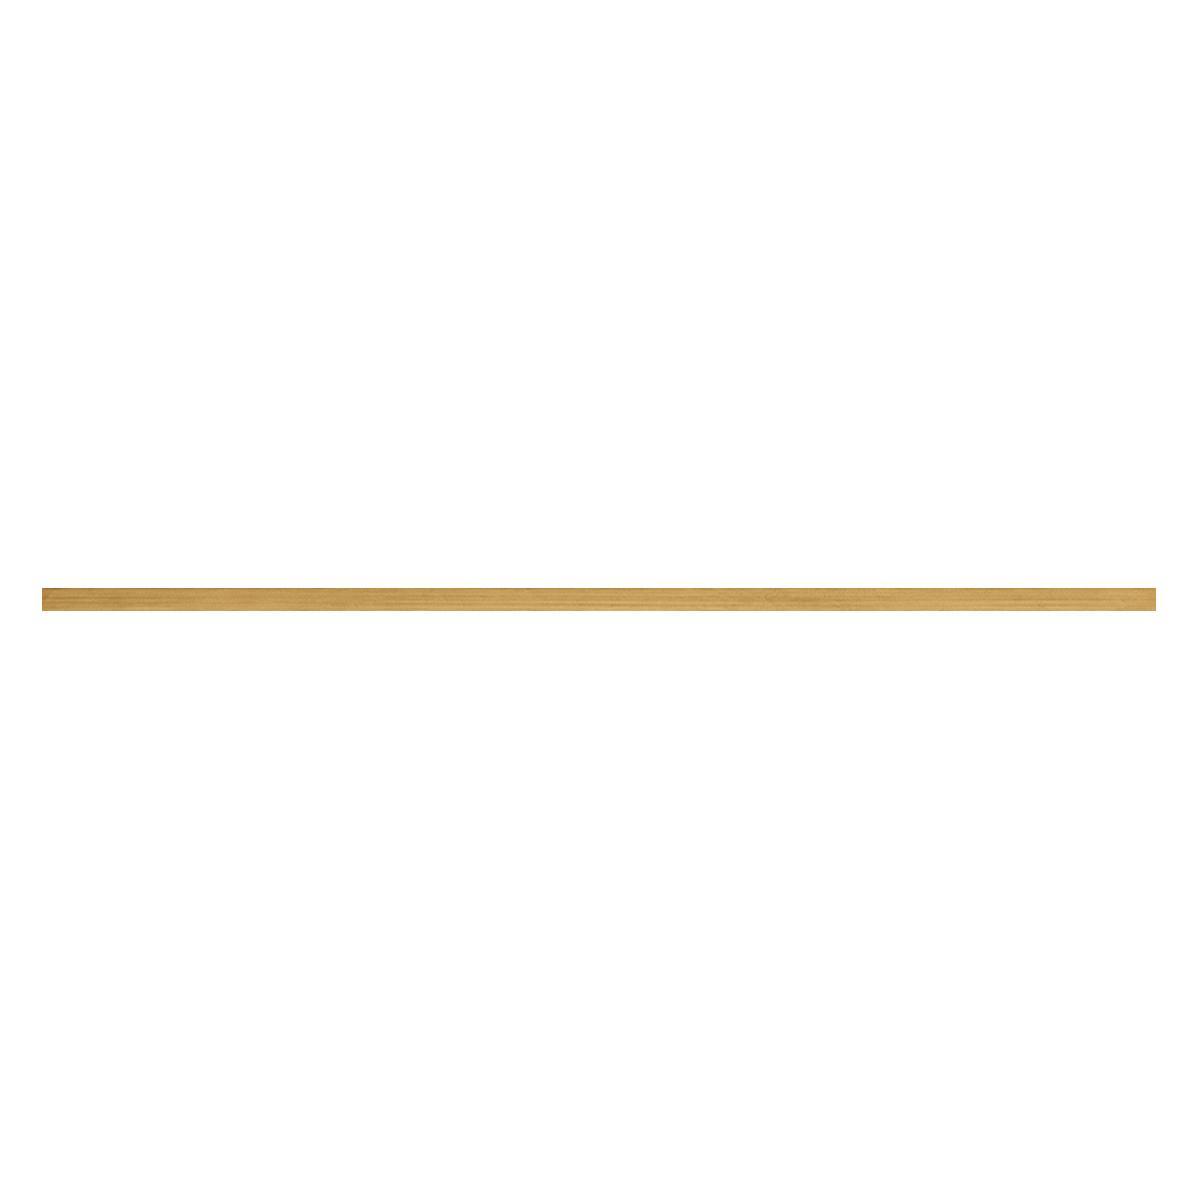 Perfil De Dilatación Aspen Roble Royal Mate - 4.5X240 cm